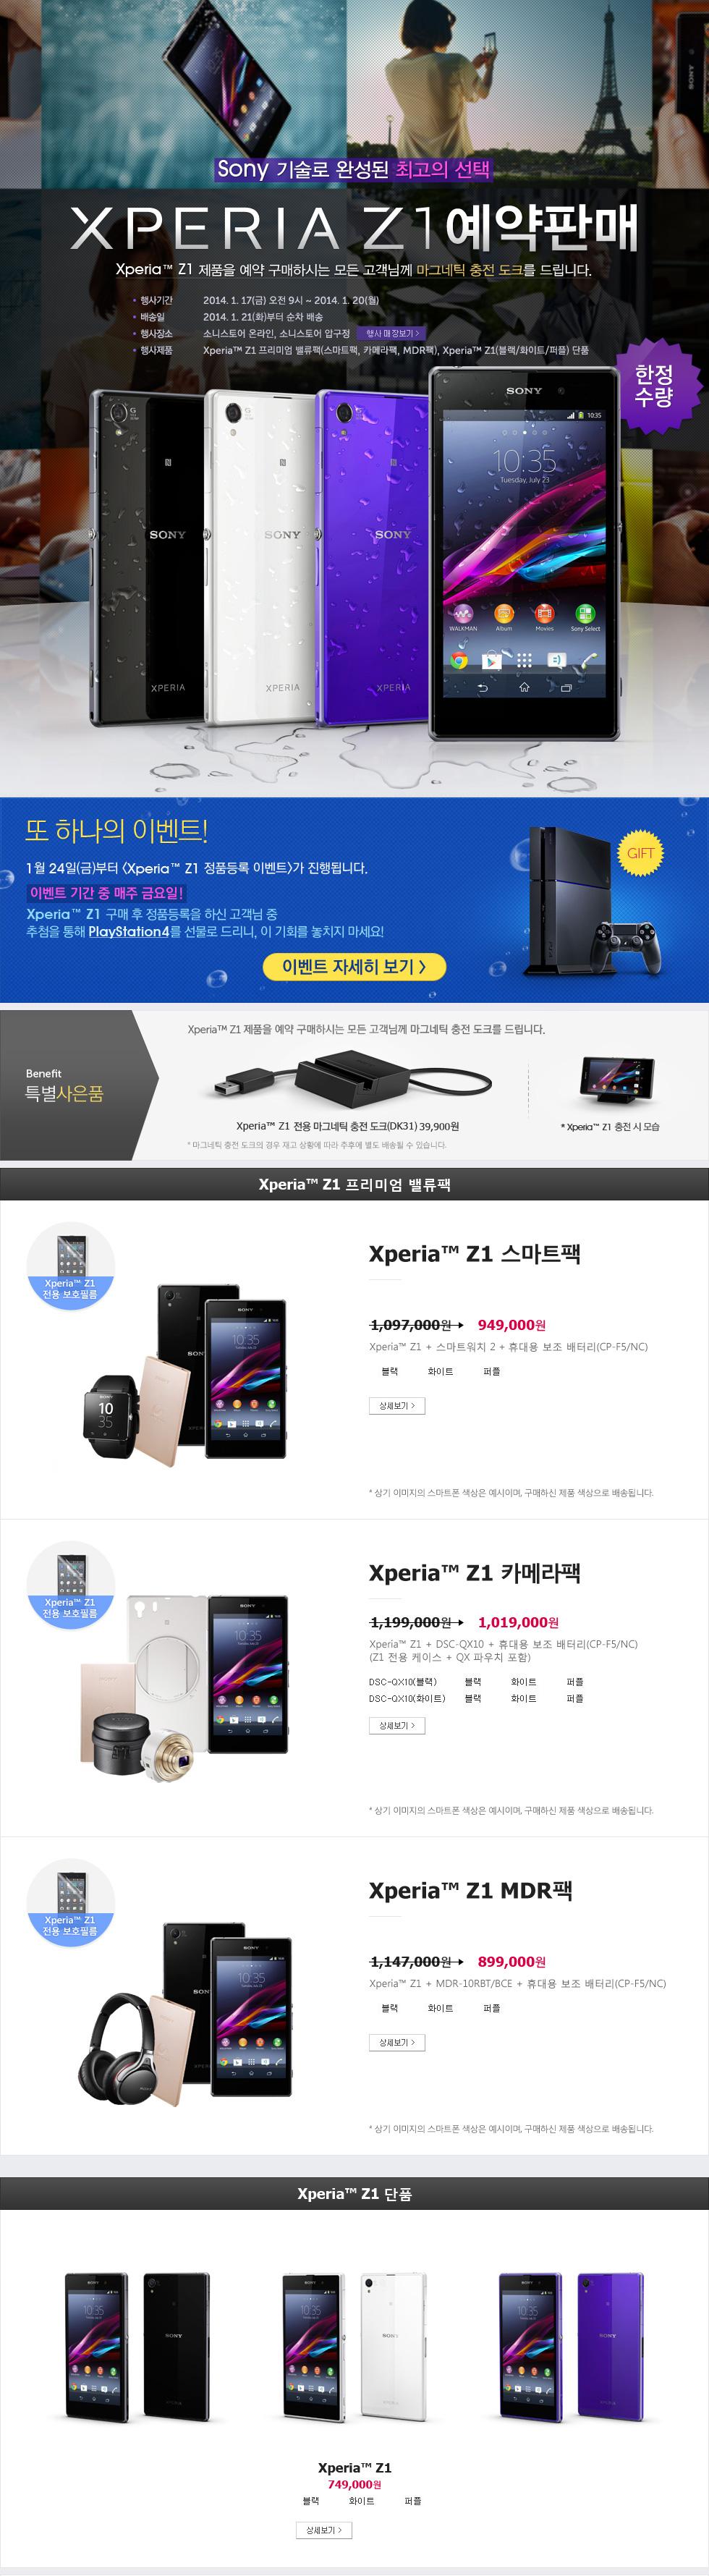 소니 Xperia Z1이 국내 정식 발매되었습니다.